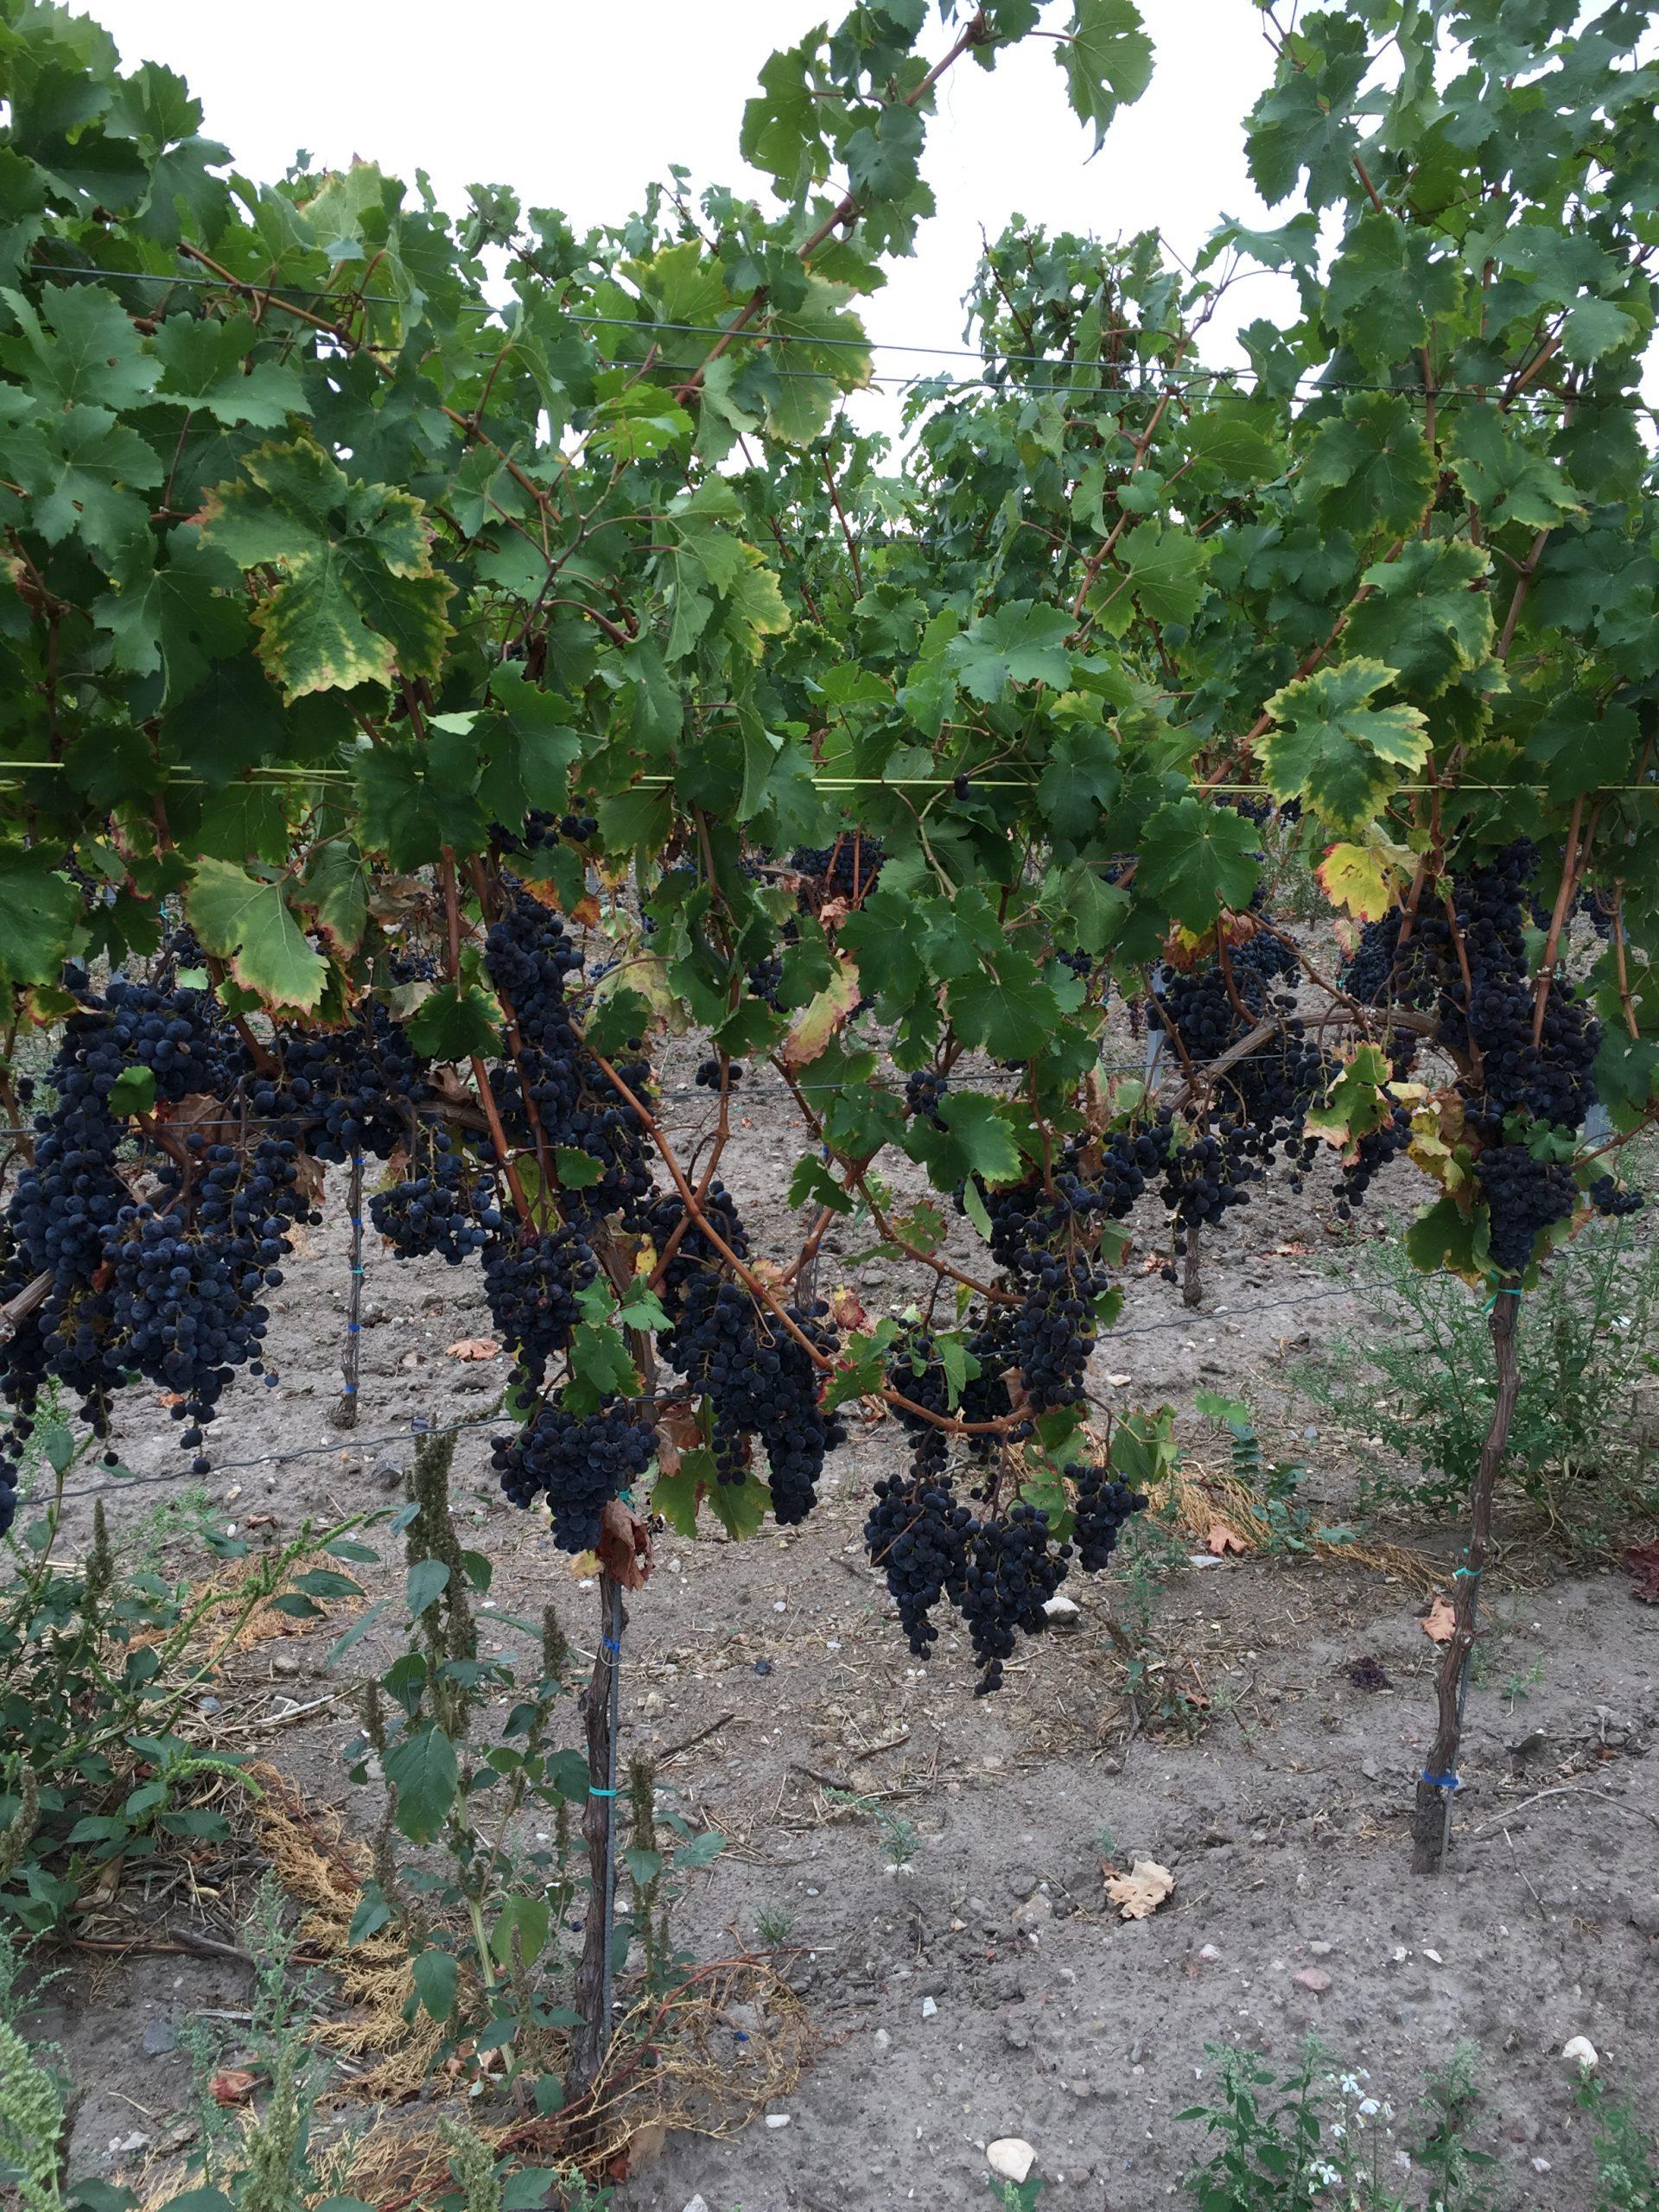 Vin mark